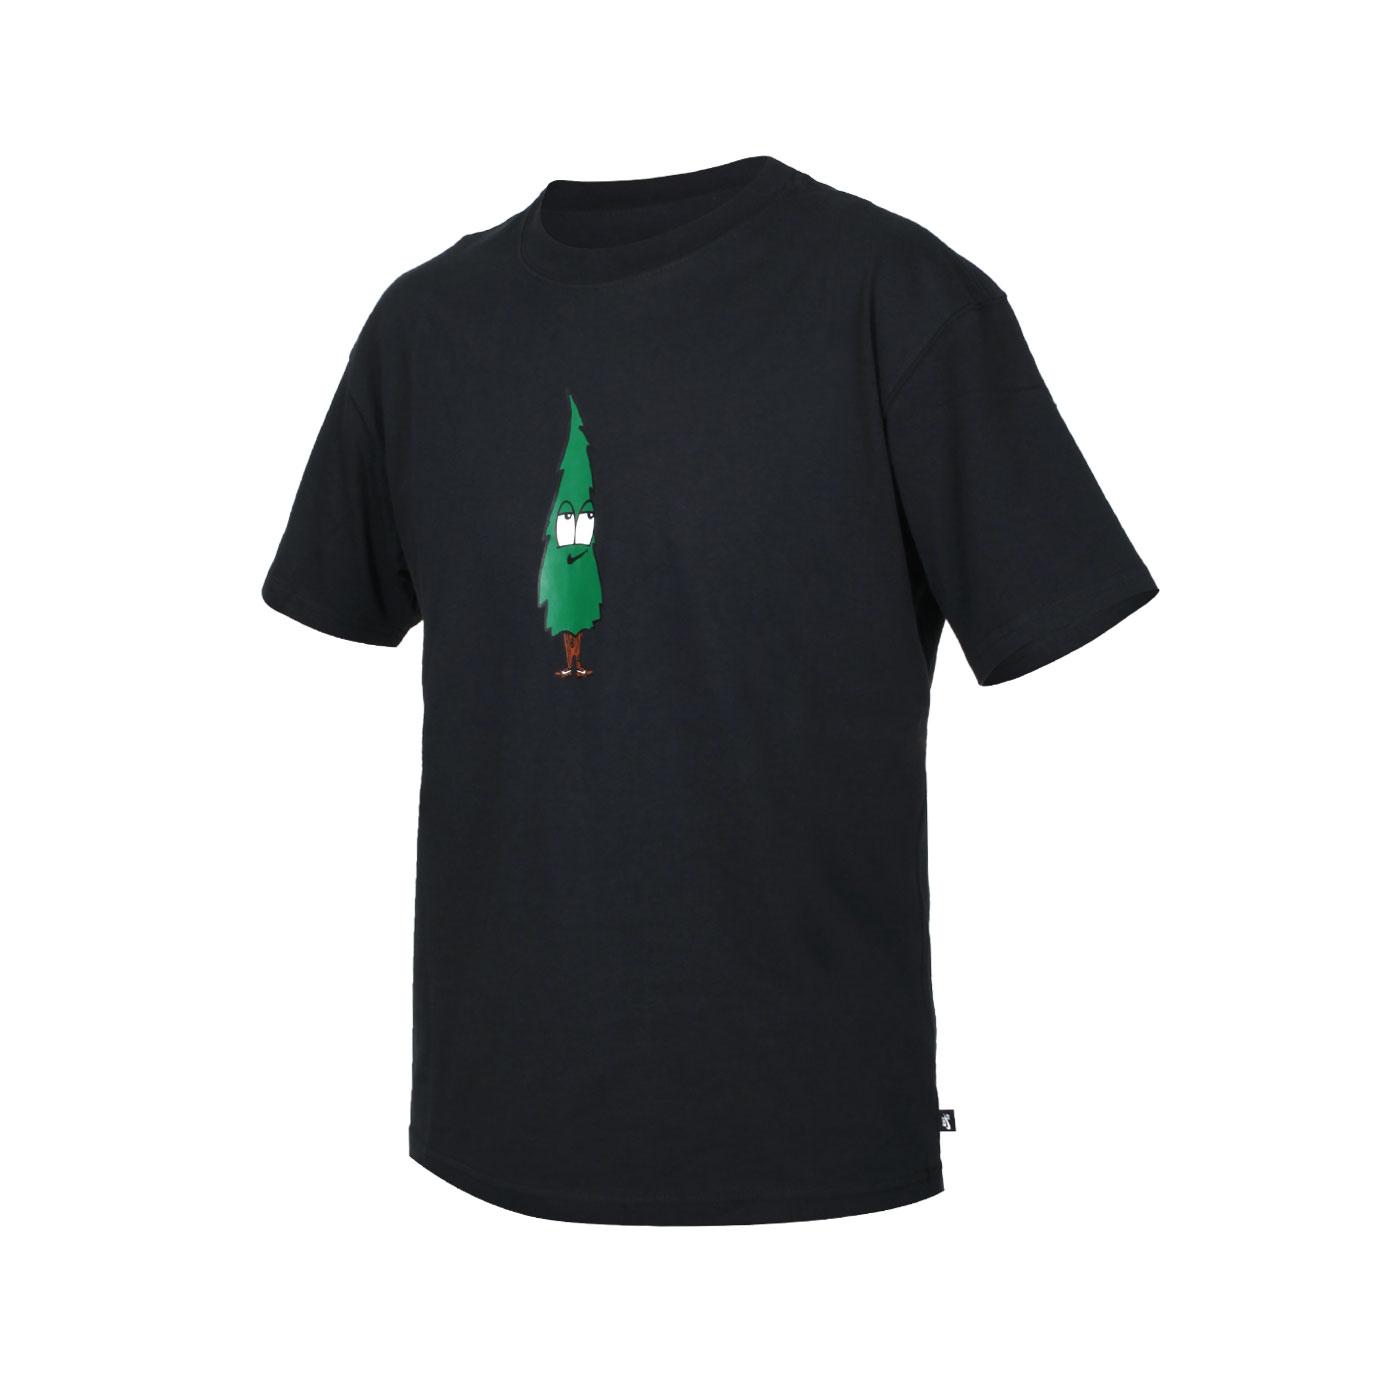 NIKE 男款短袖T恤 DM2244-010